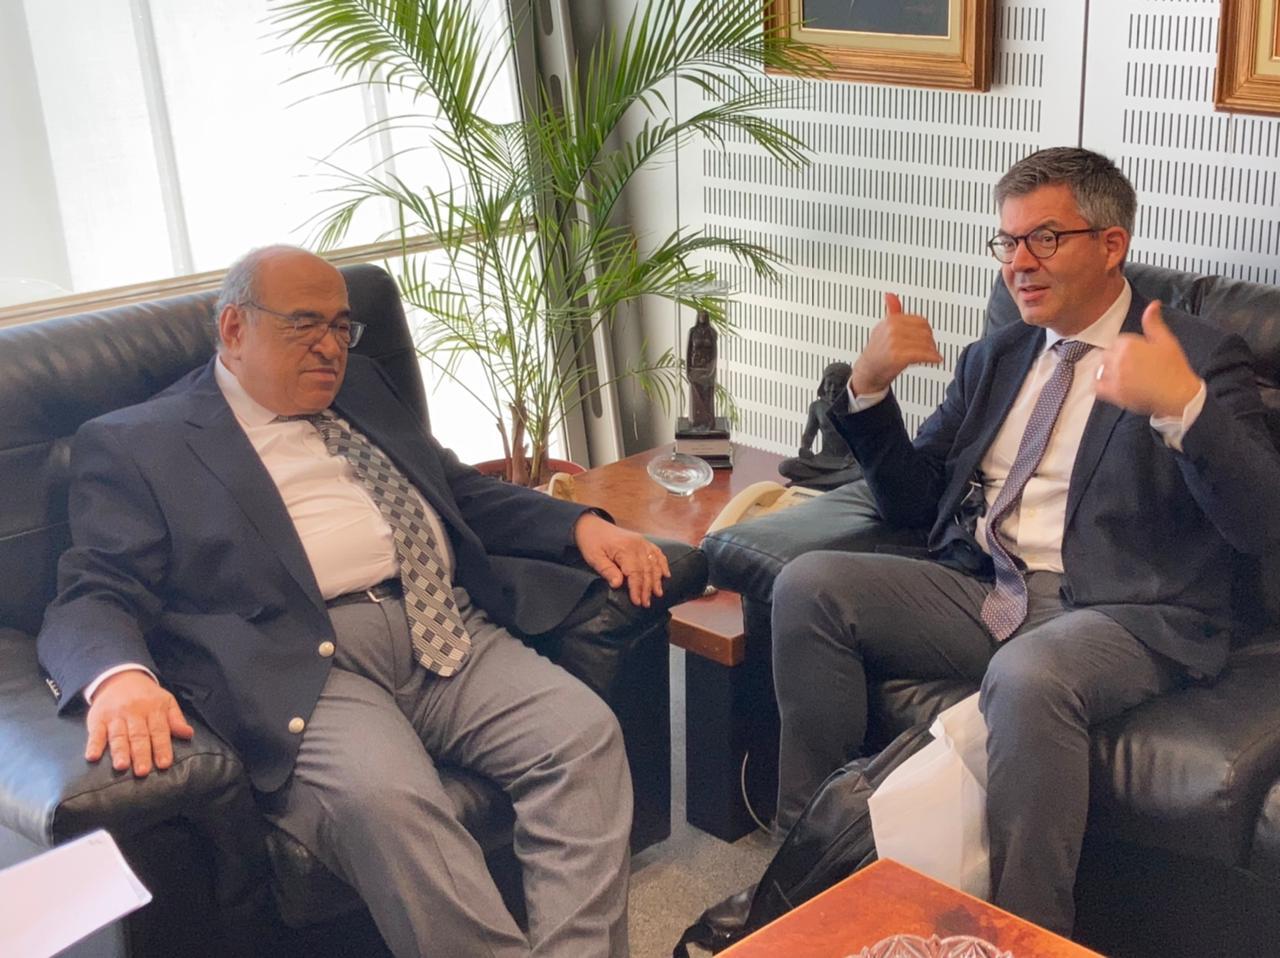 مدير مكتبة الإسكندرية يستقبل مدير المعهد الفرنسي للآثار الشرقية الجديد